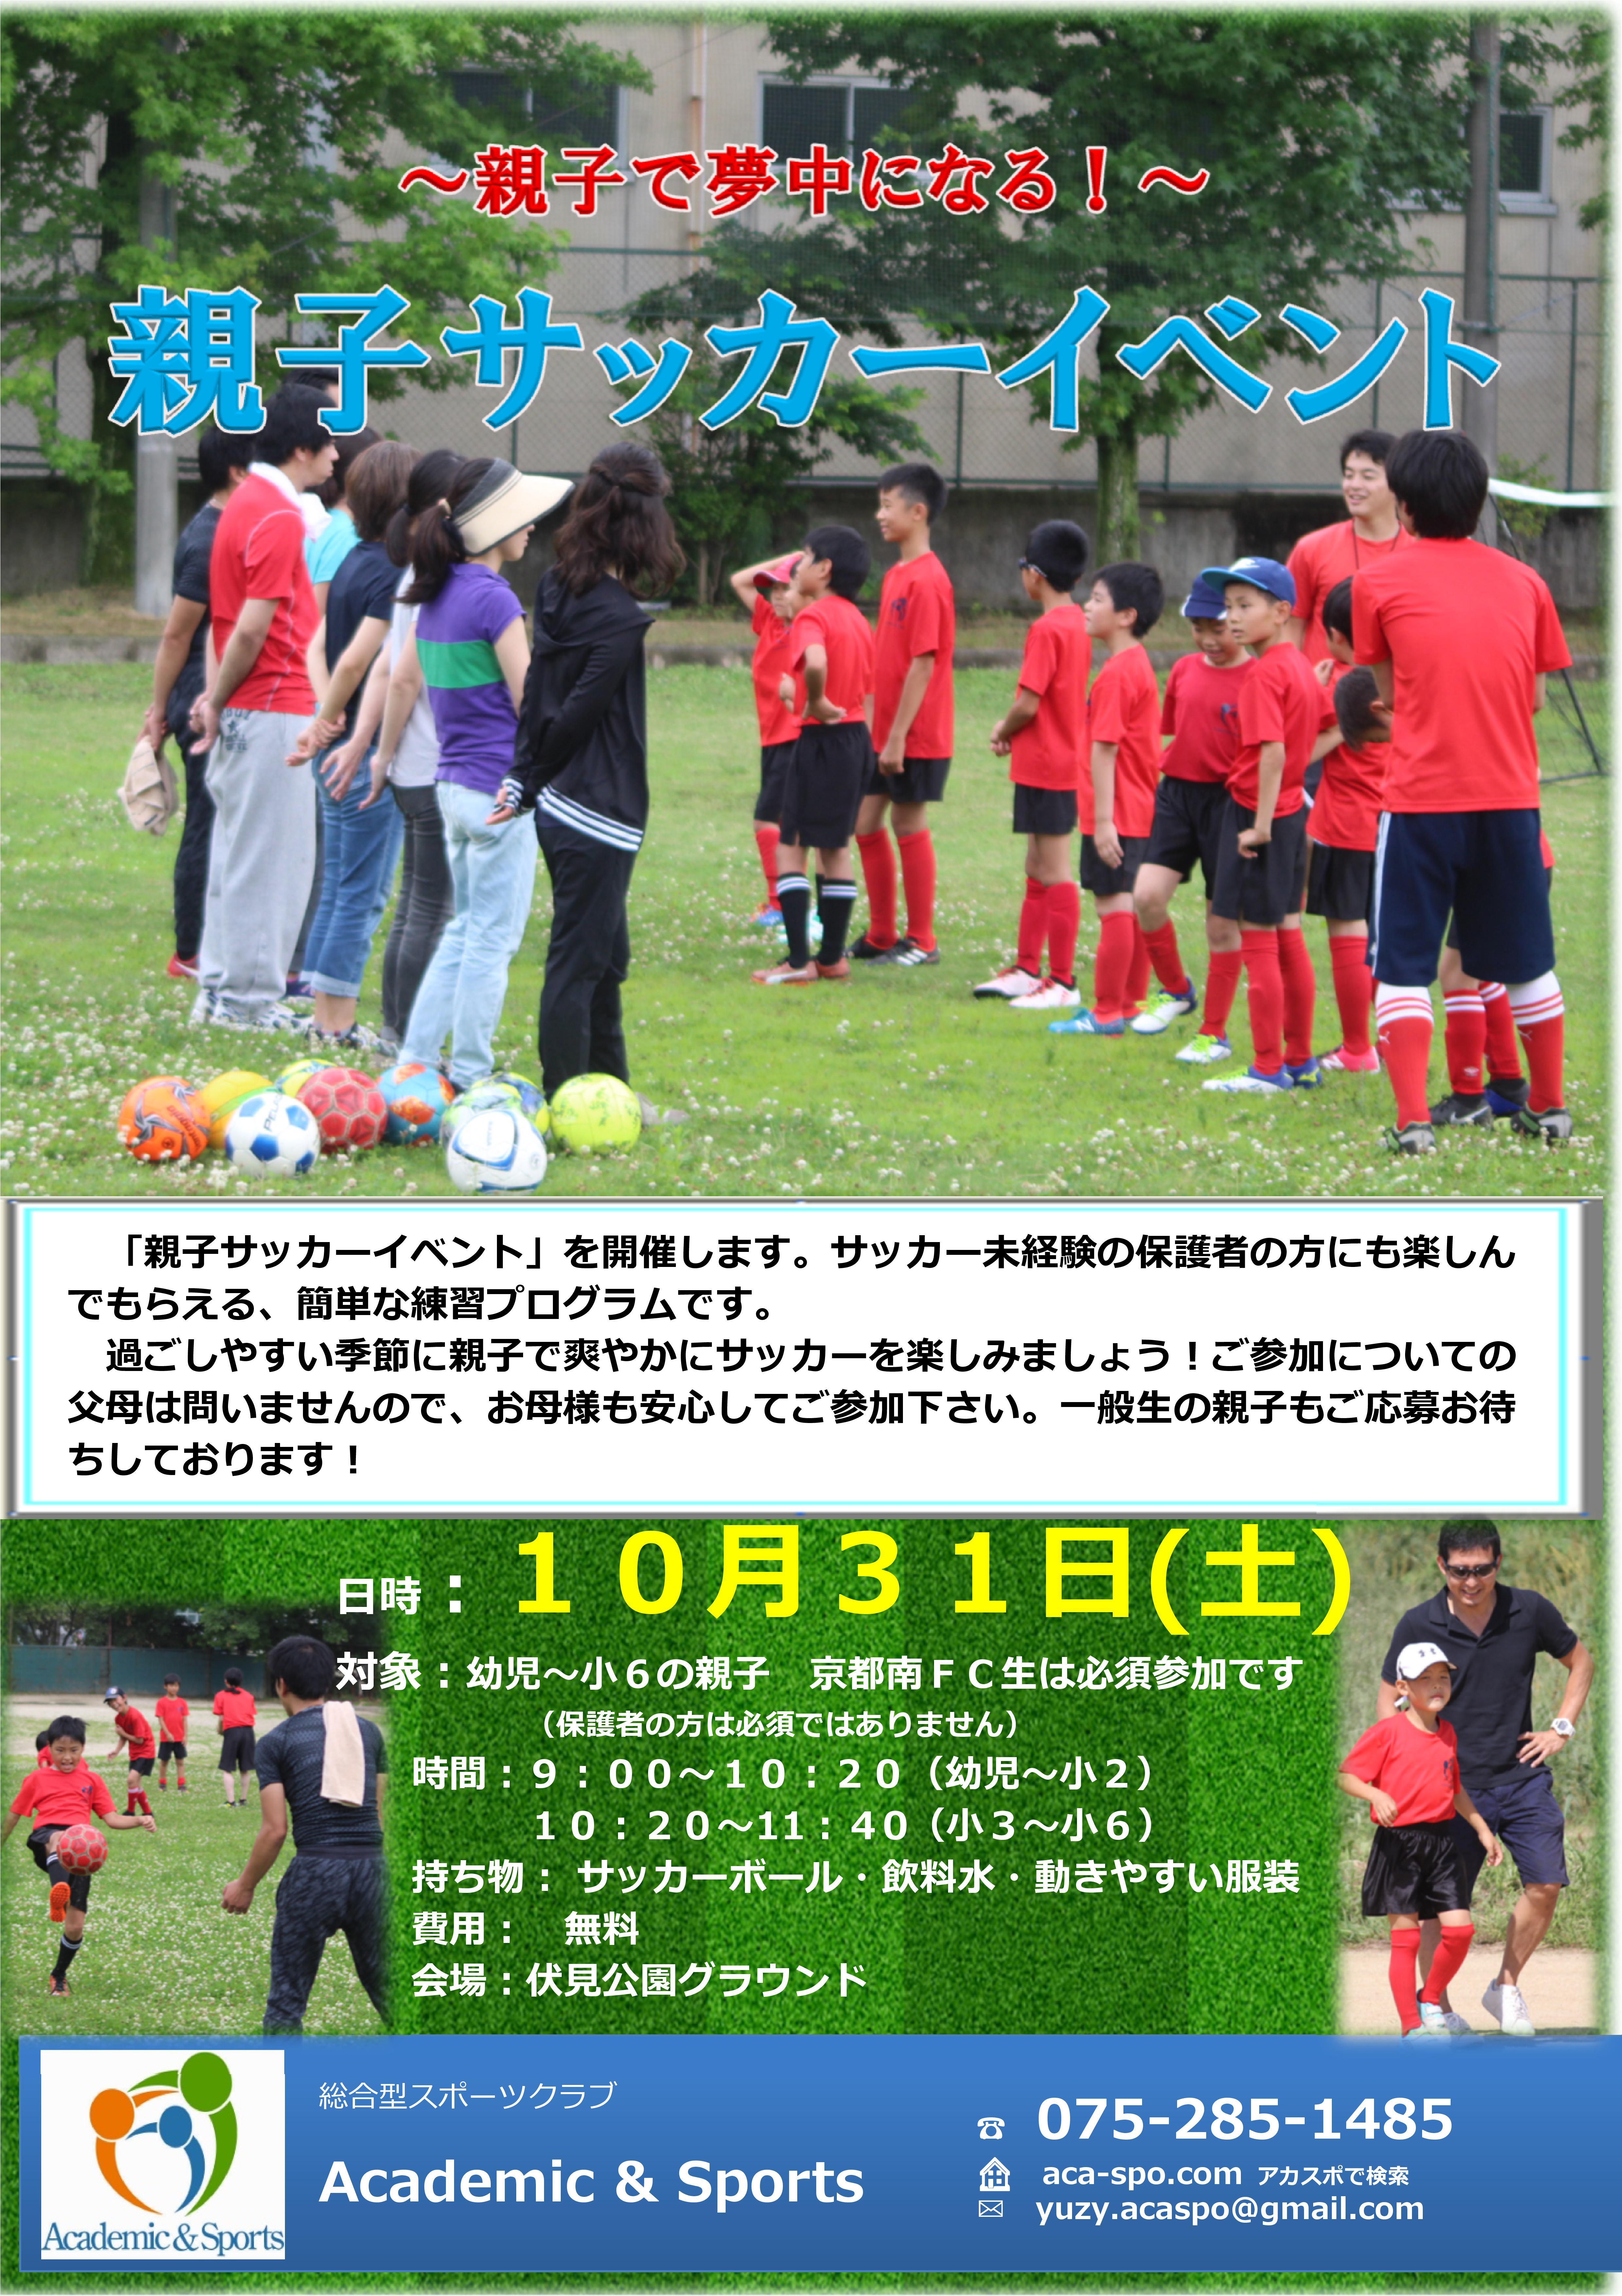 【サッカー】親子サッカーイベント